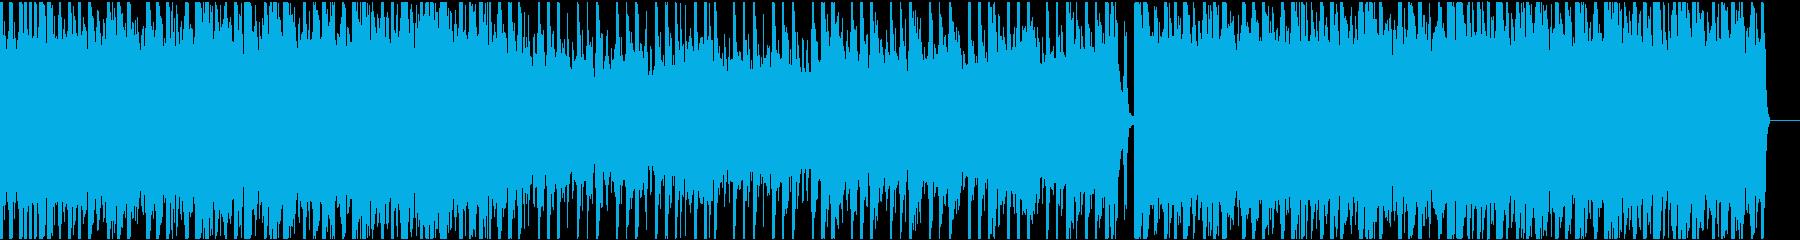 実験的 ロック ポストロック メタ...の再生済みの波形